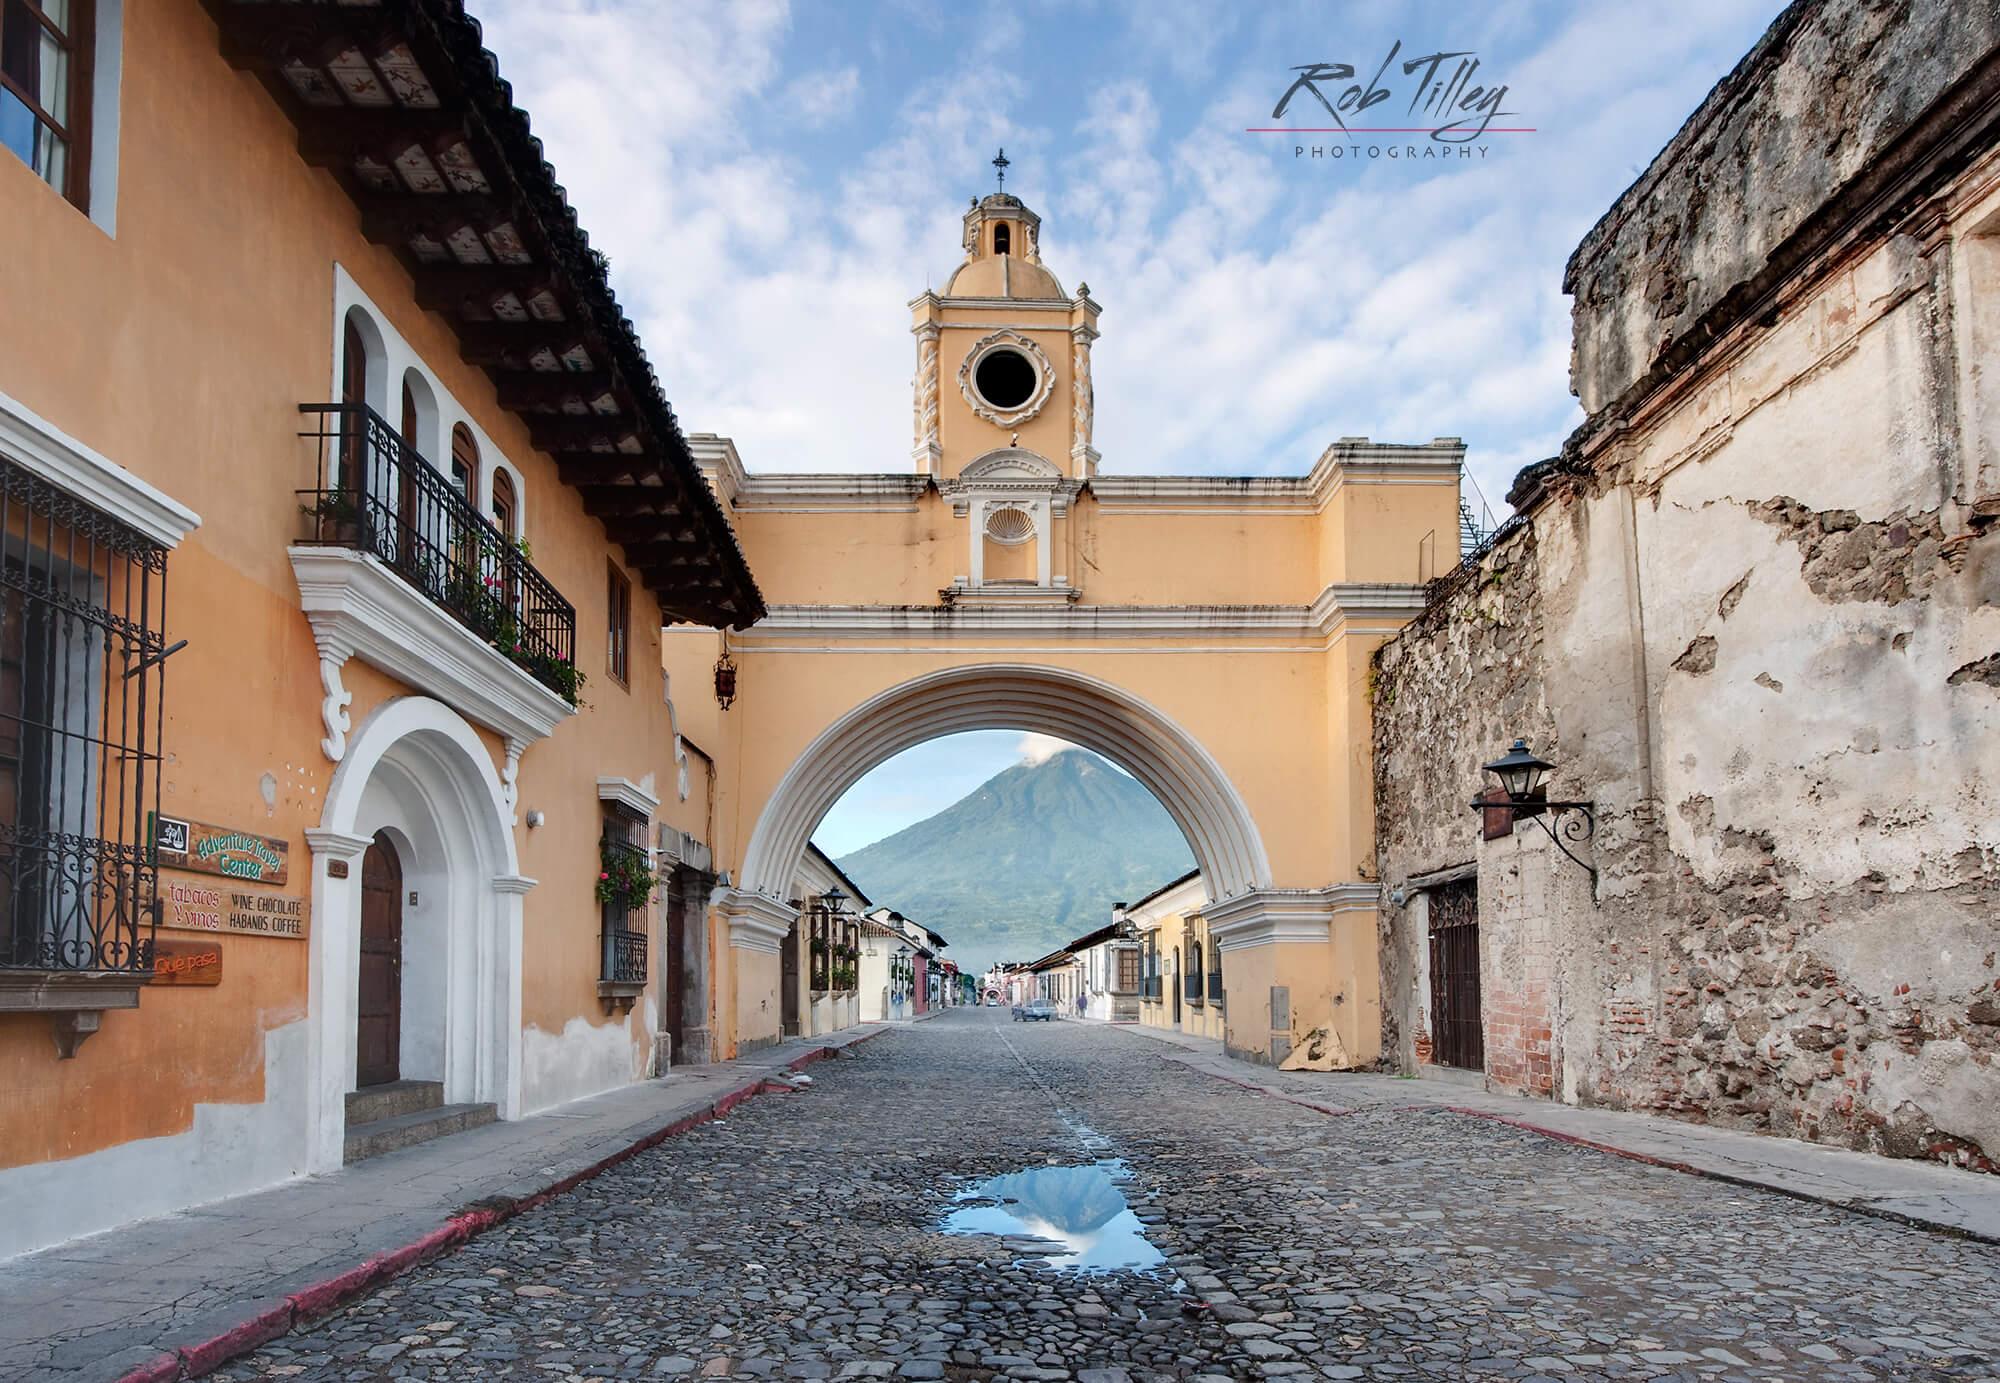 El Arco I